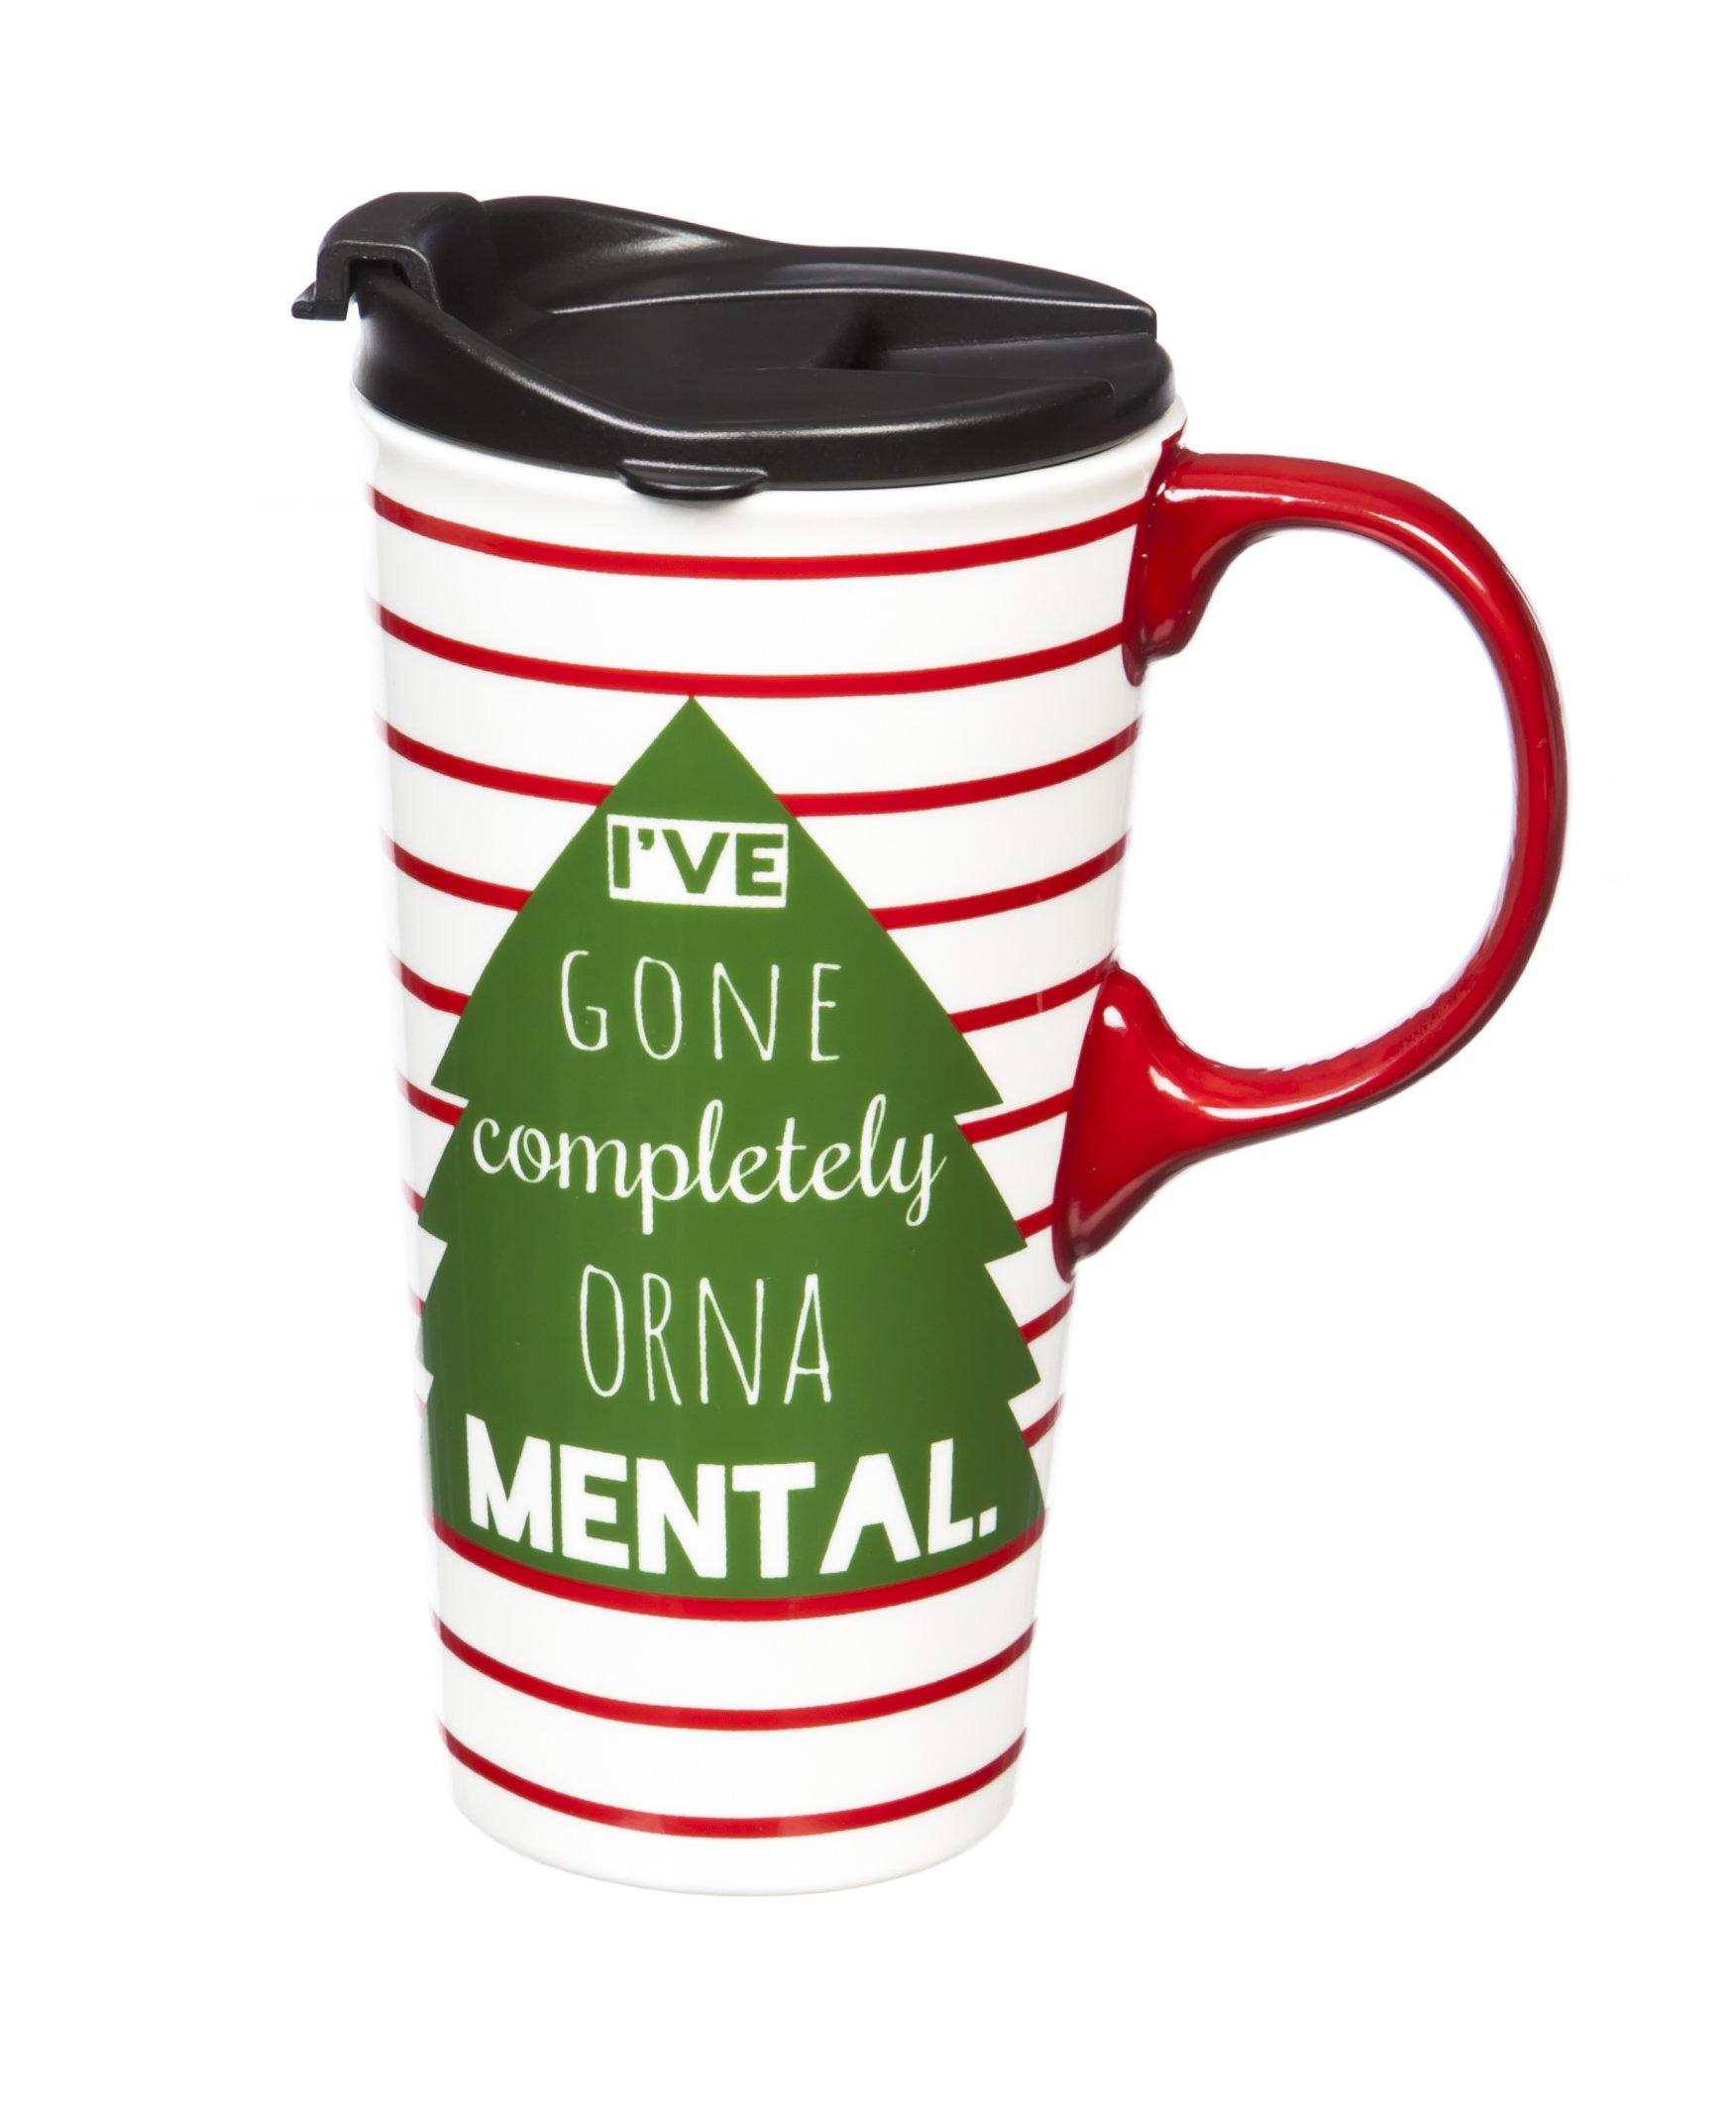 Cypress Home Orna-Mental Ceramic Travel Coffee Mug, 17 ounces